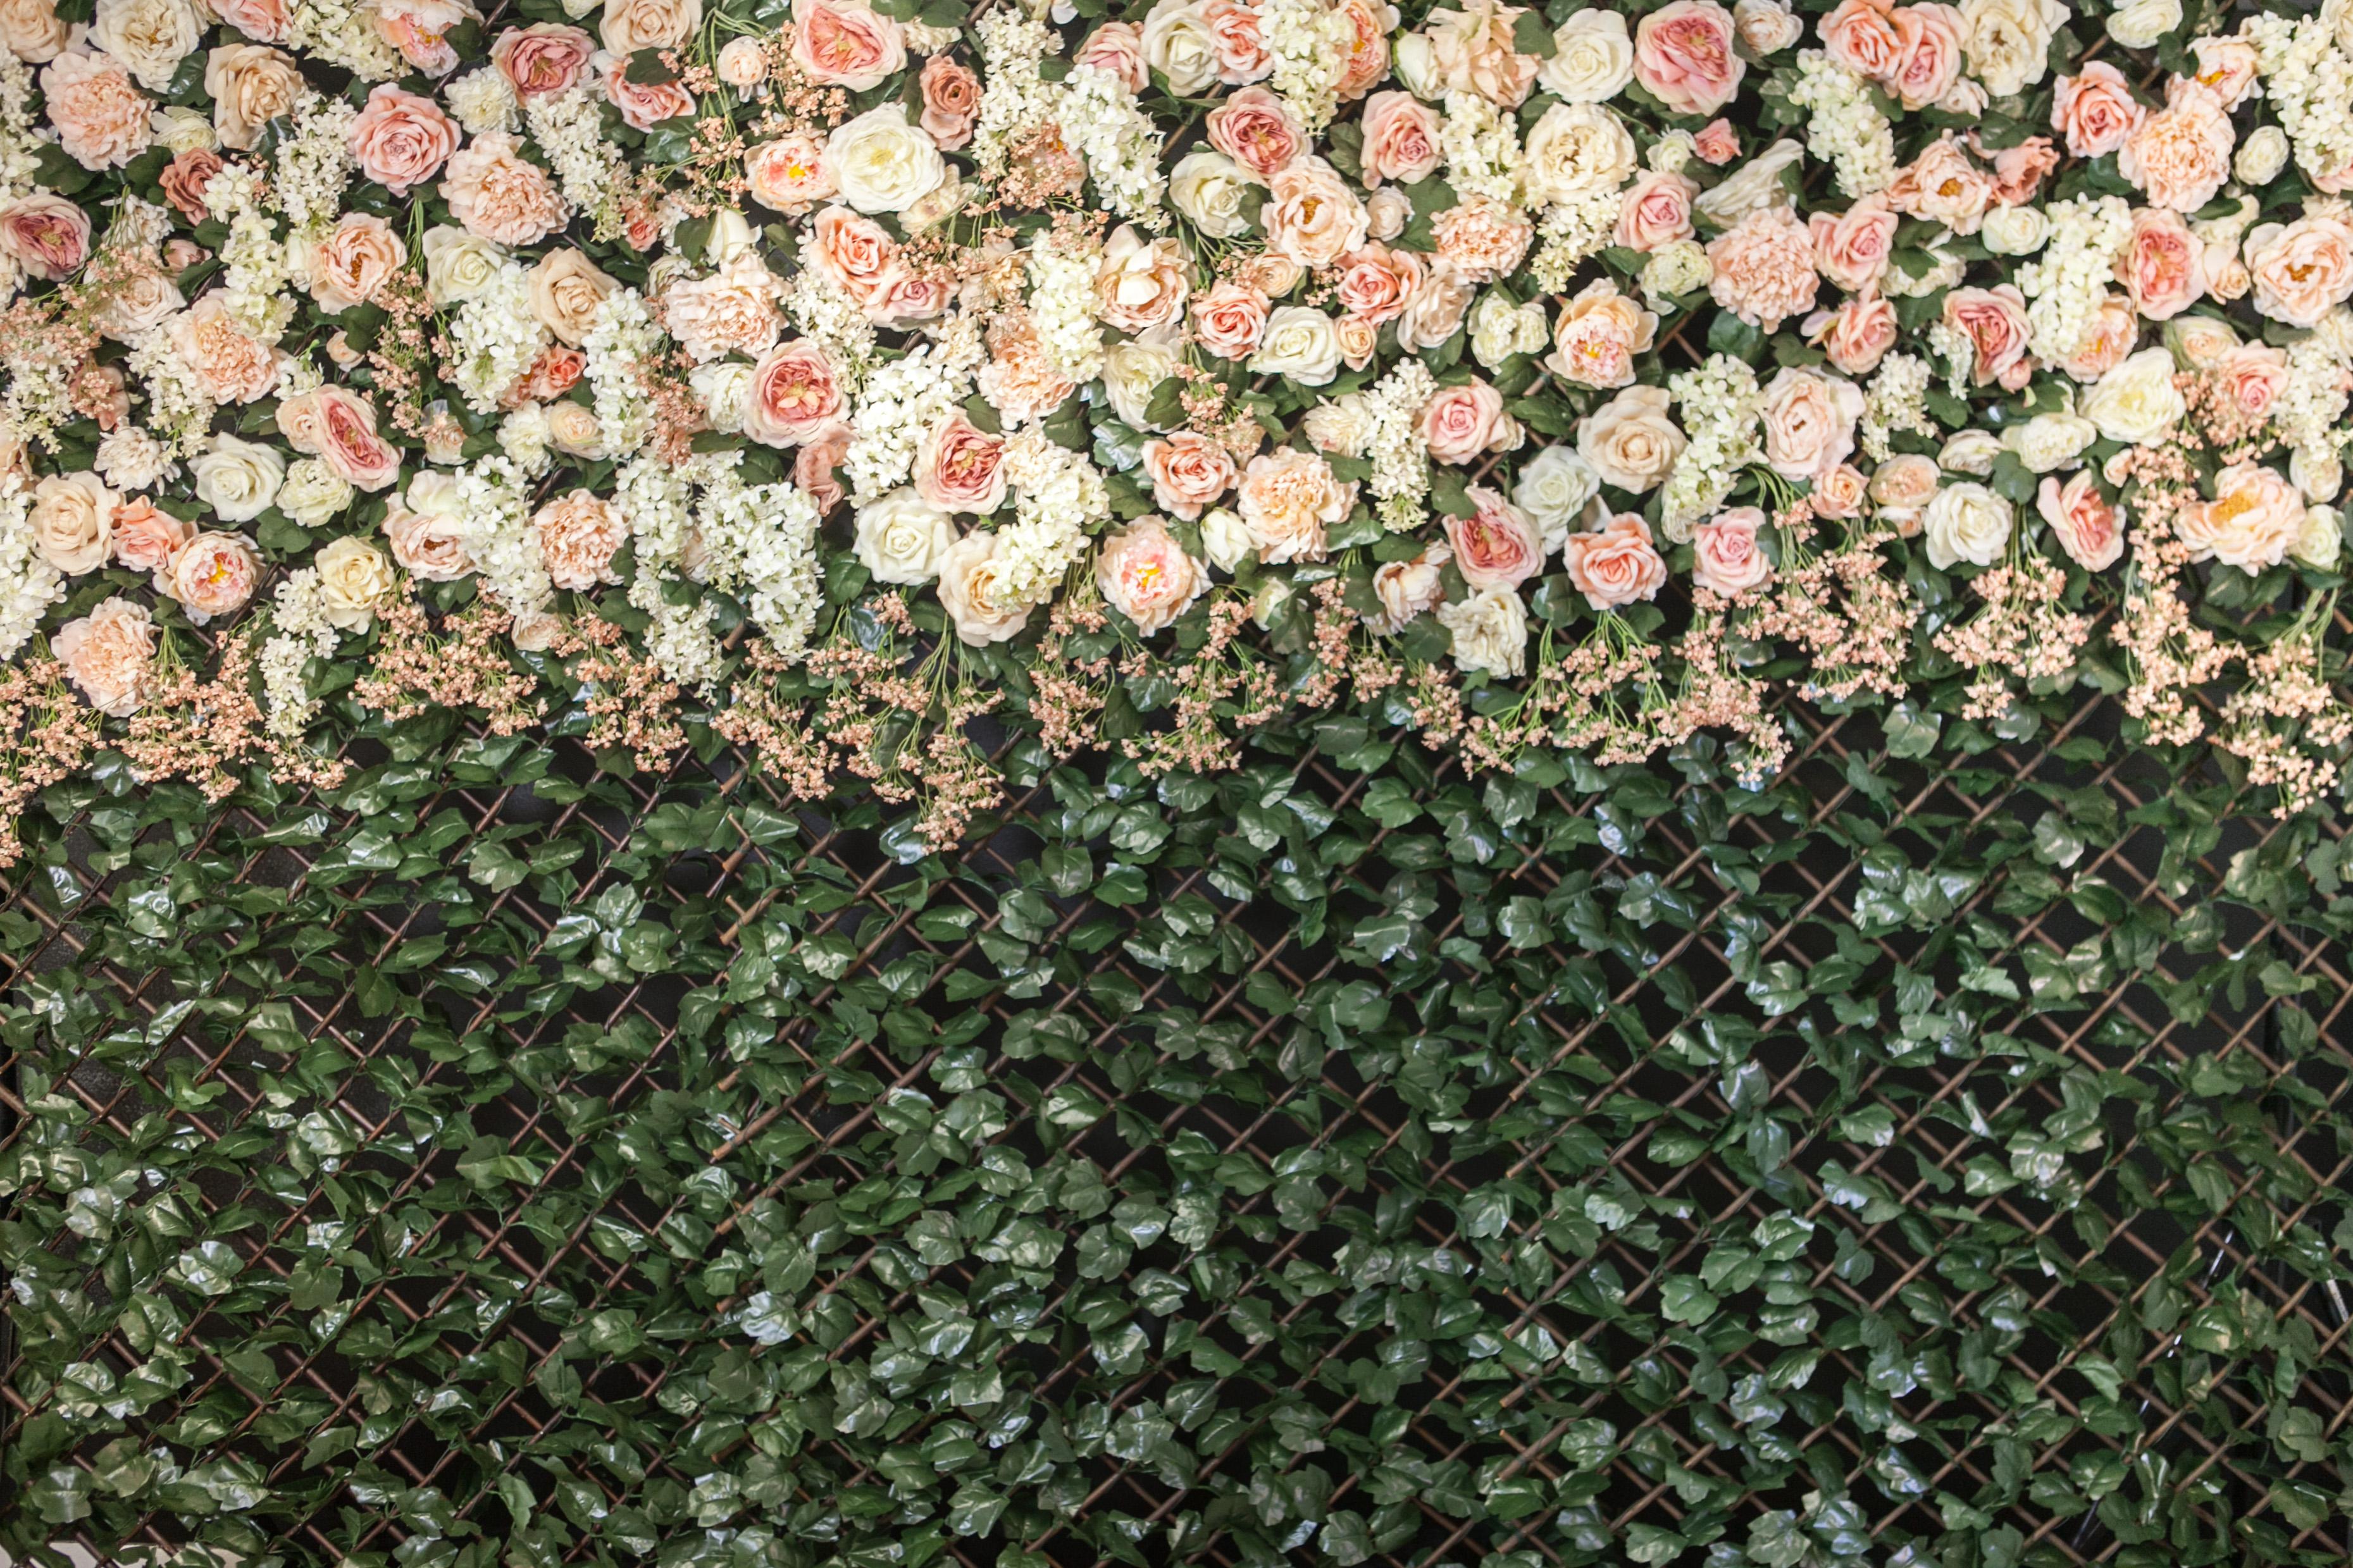 Philadelphia flowerwall